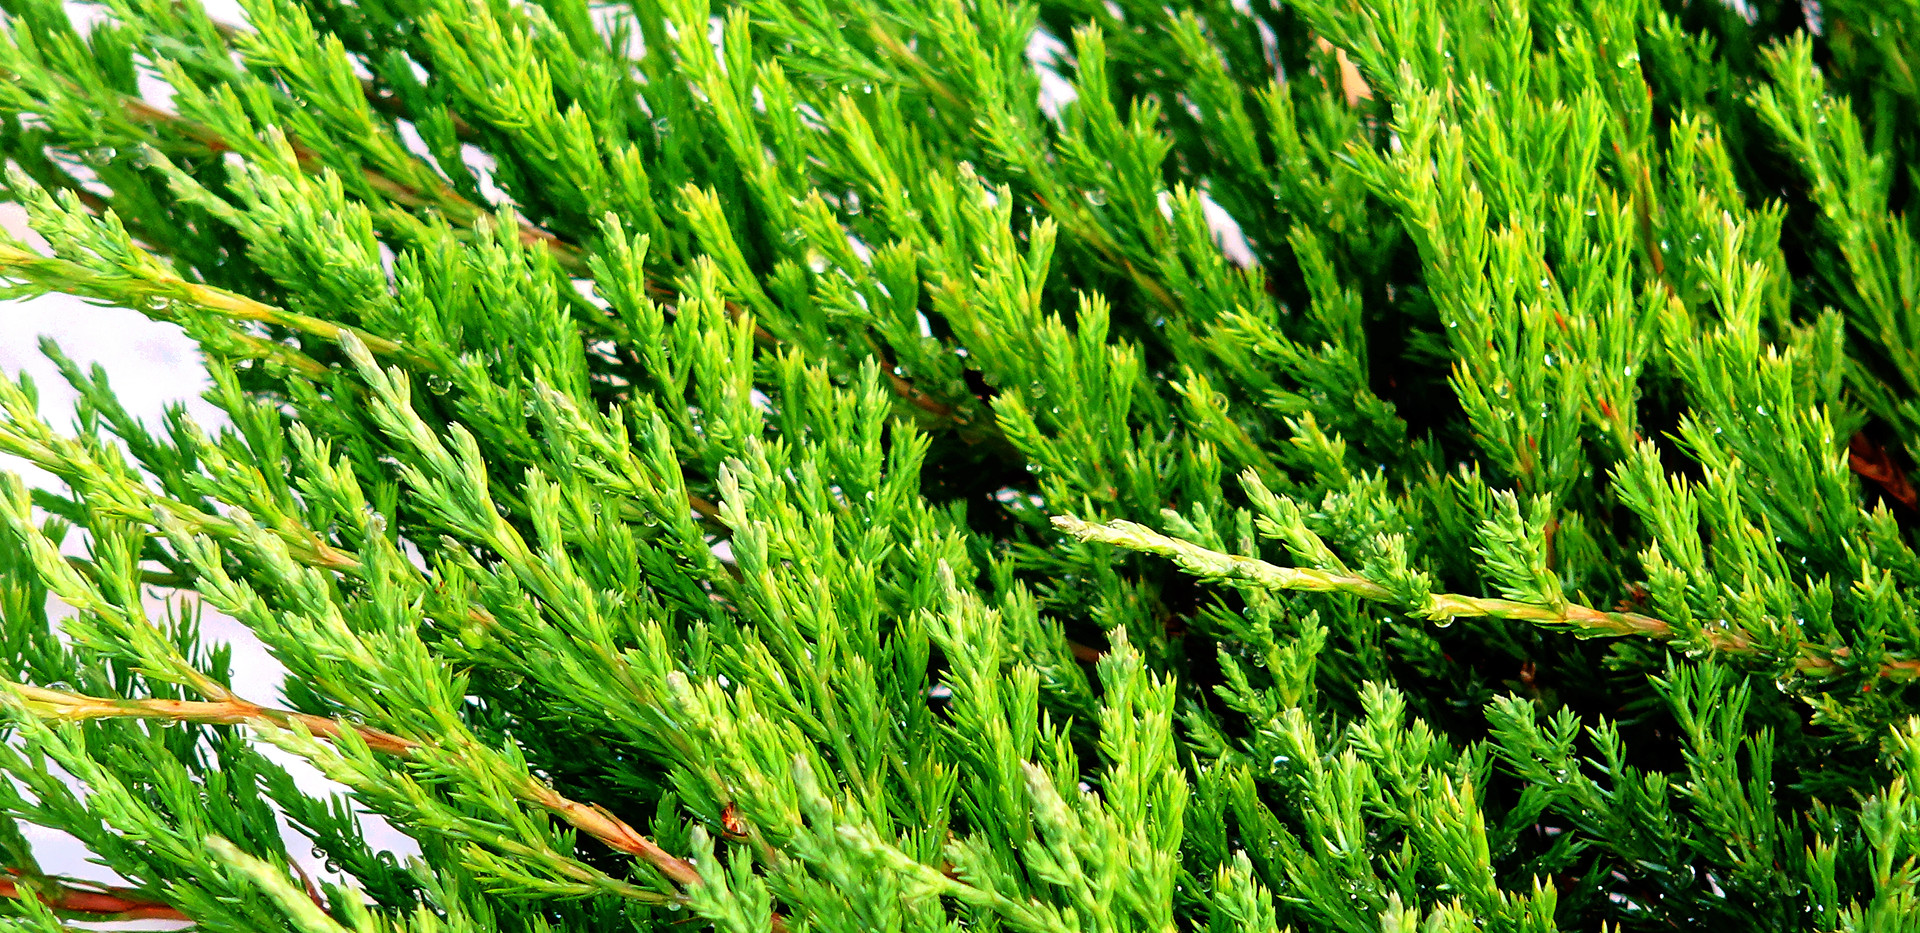 Juniperus hor Andorra Compact_2.JPG